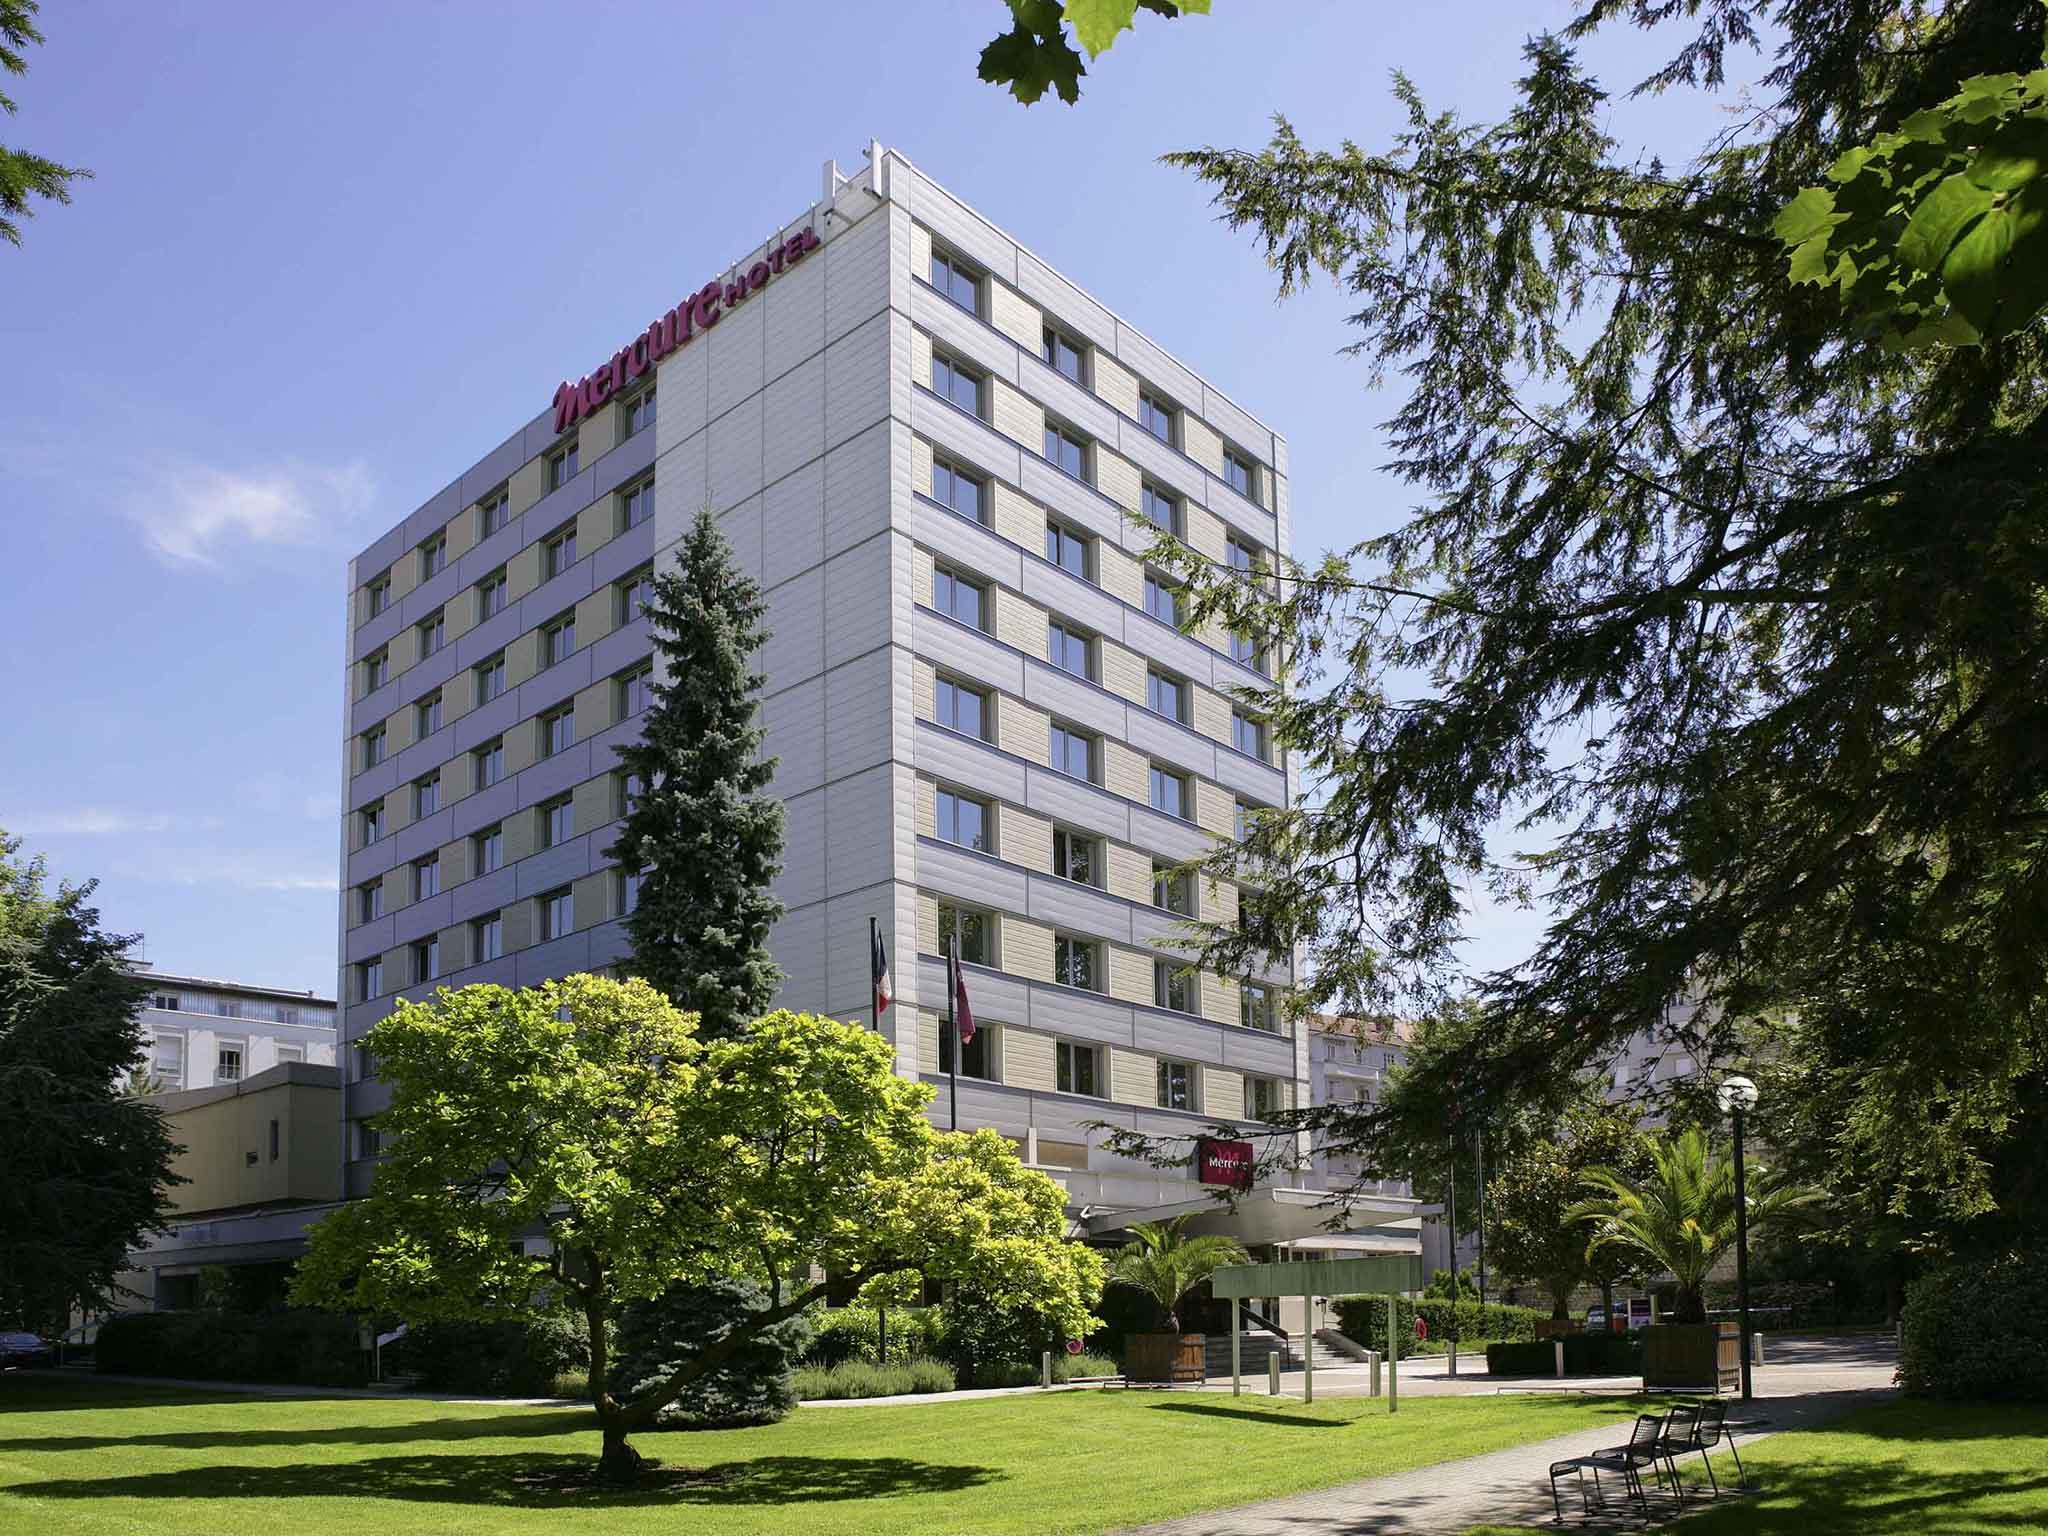 Hôtel - Hôtel Mercure Besançon Parc Micaud